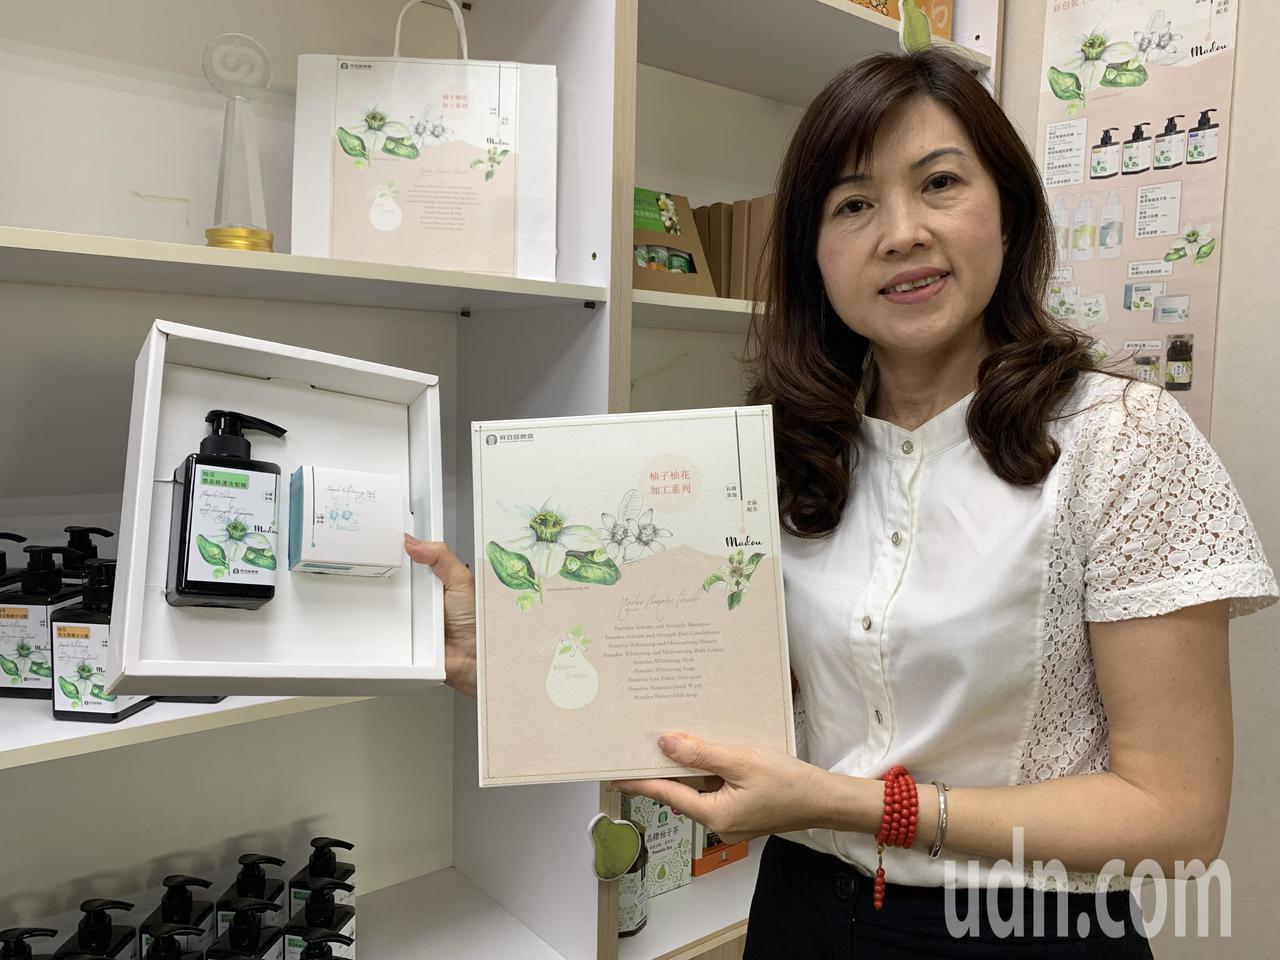 台南麻豆區農會總幹事孫慈敏展示換上時常新包裝的柚花系列產品禮盒。記者吳淑玲/攝影